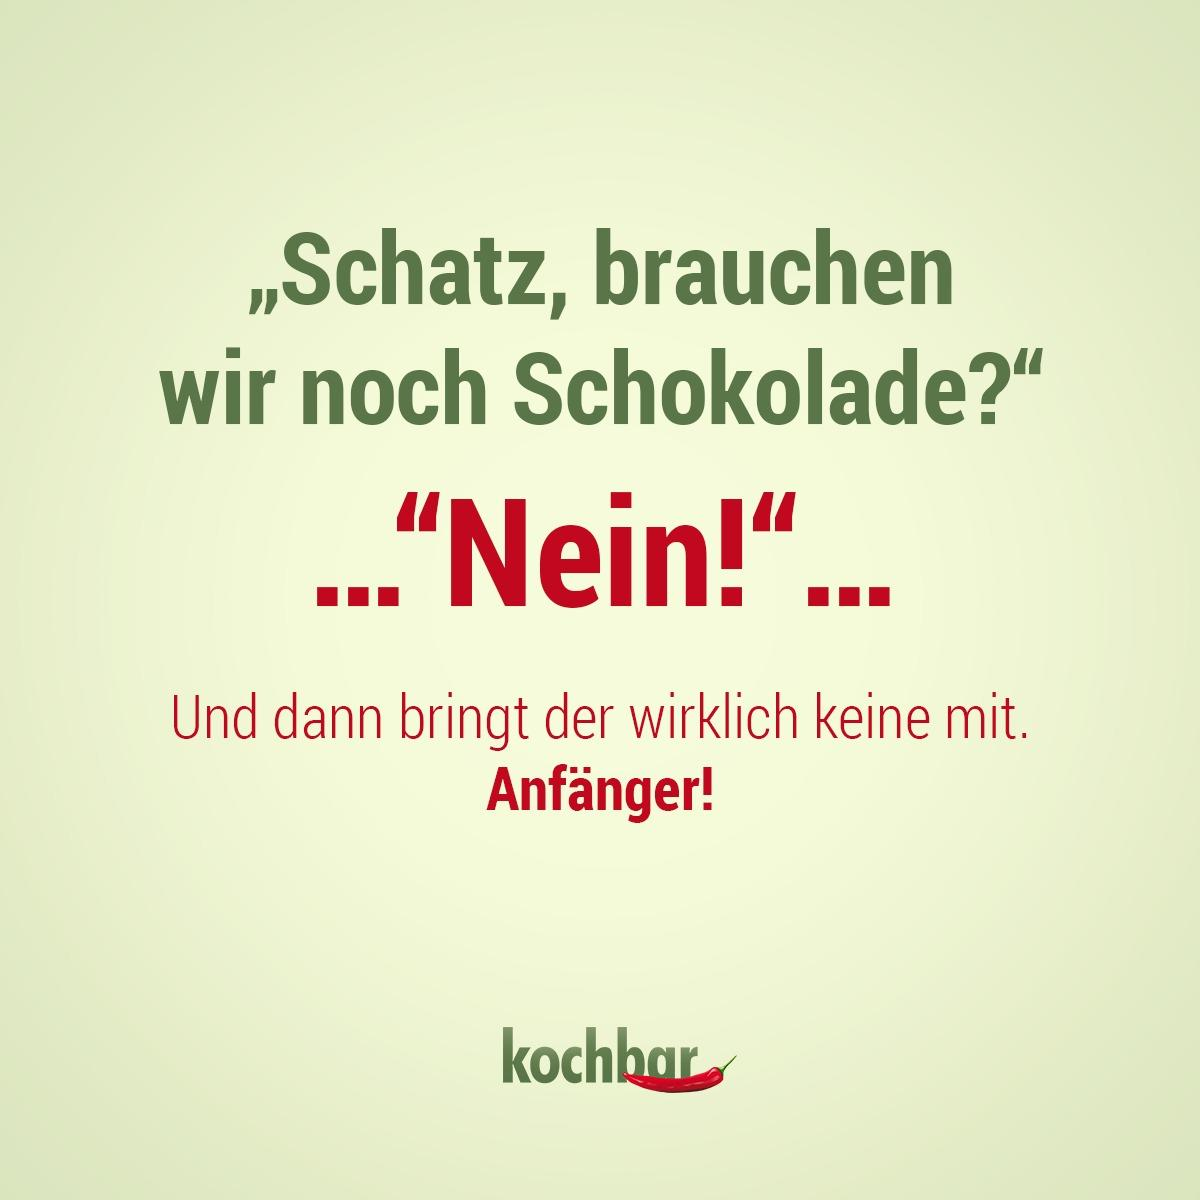 Lustige Sprüche rund ums Essen, Trinken und Genießen - kochbar.de